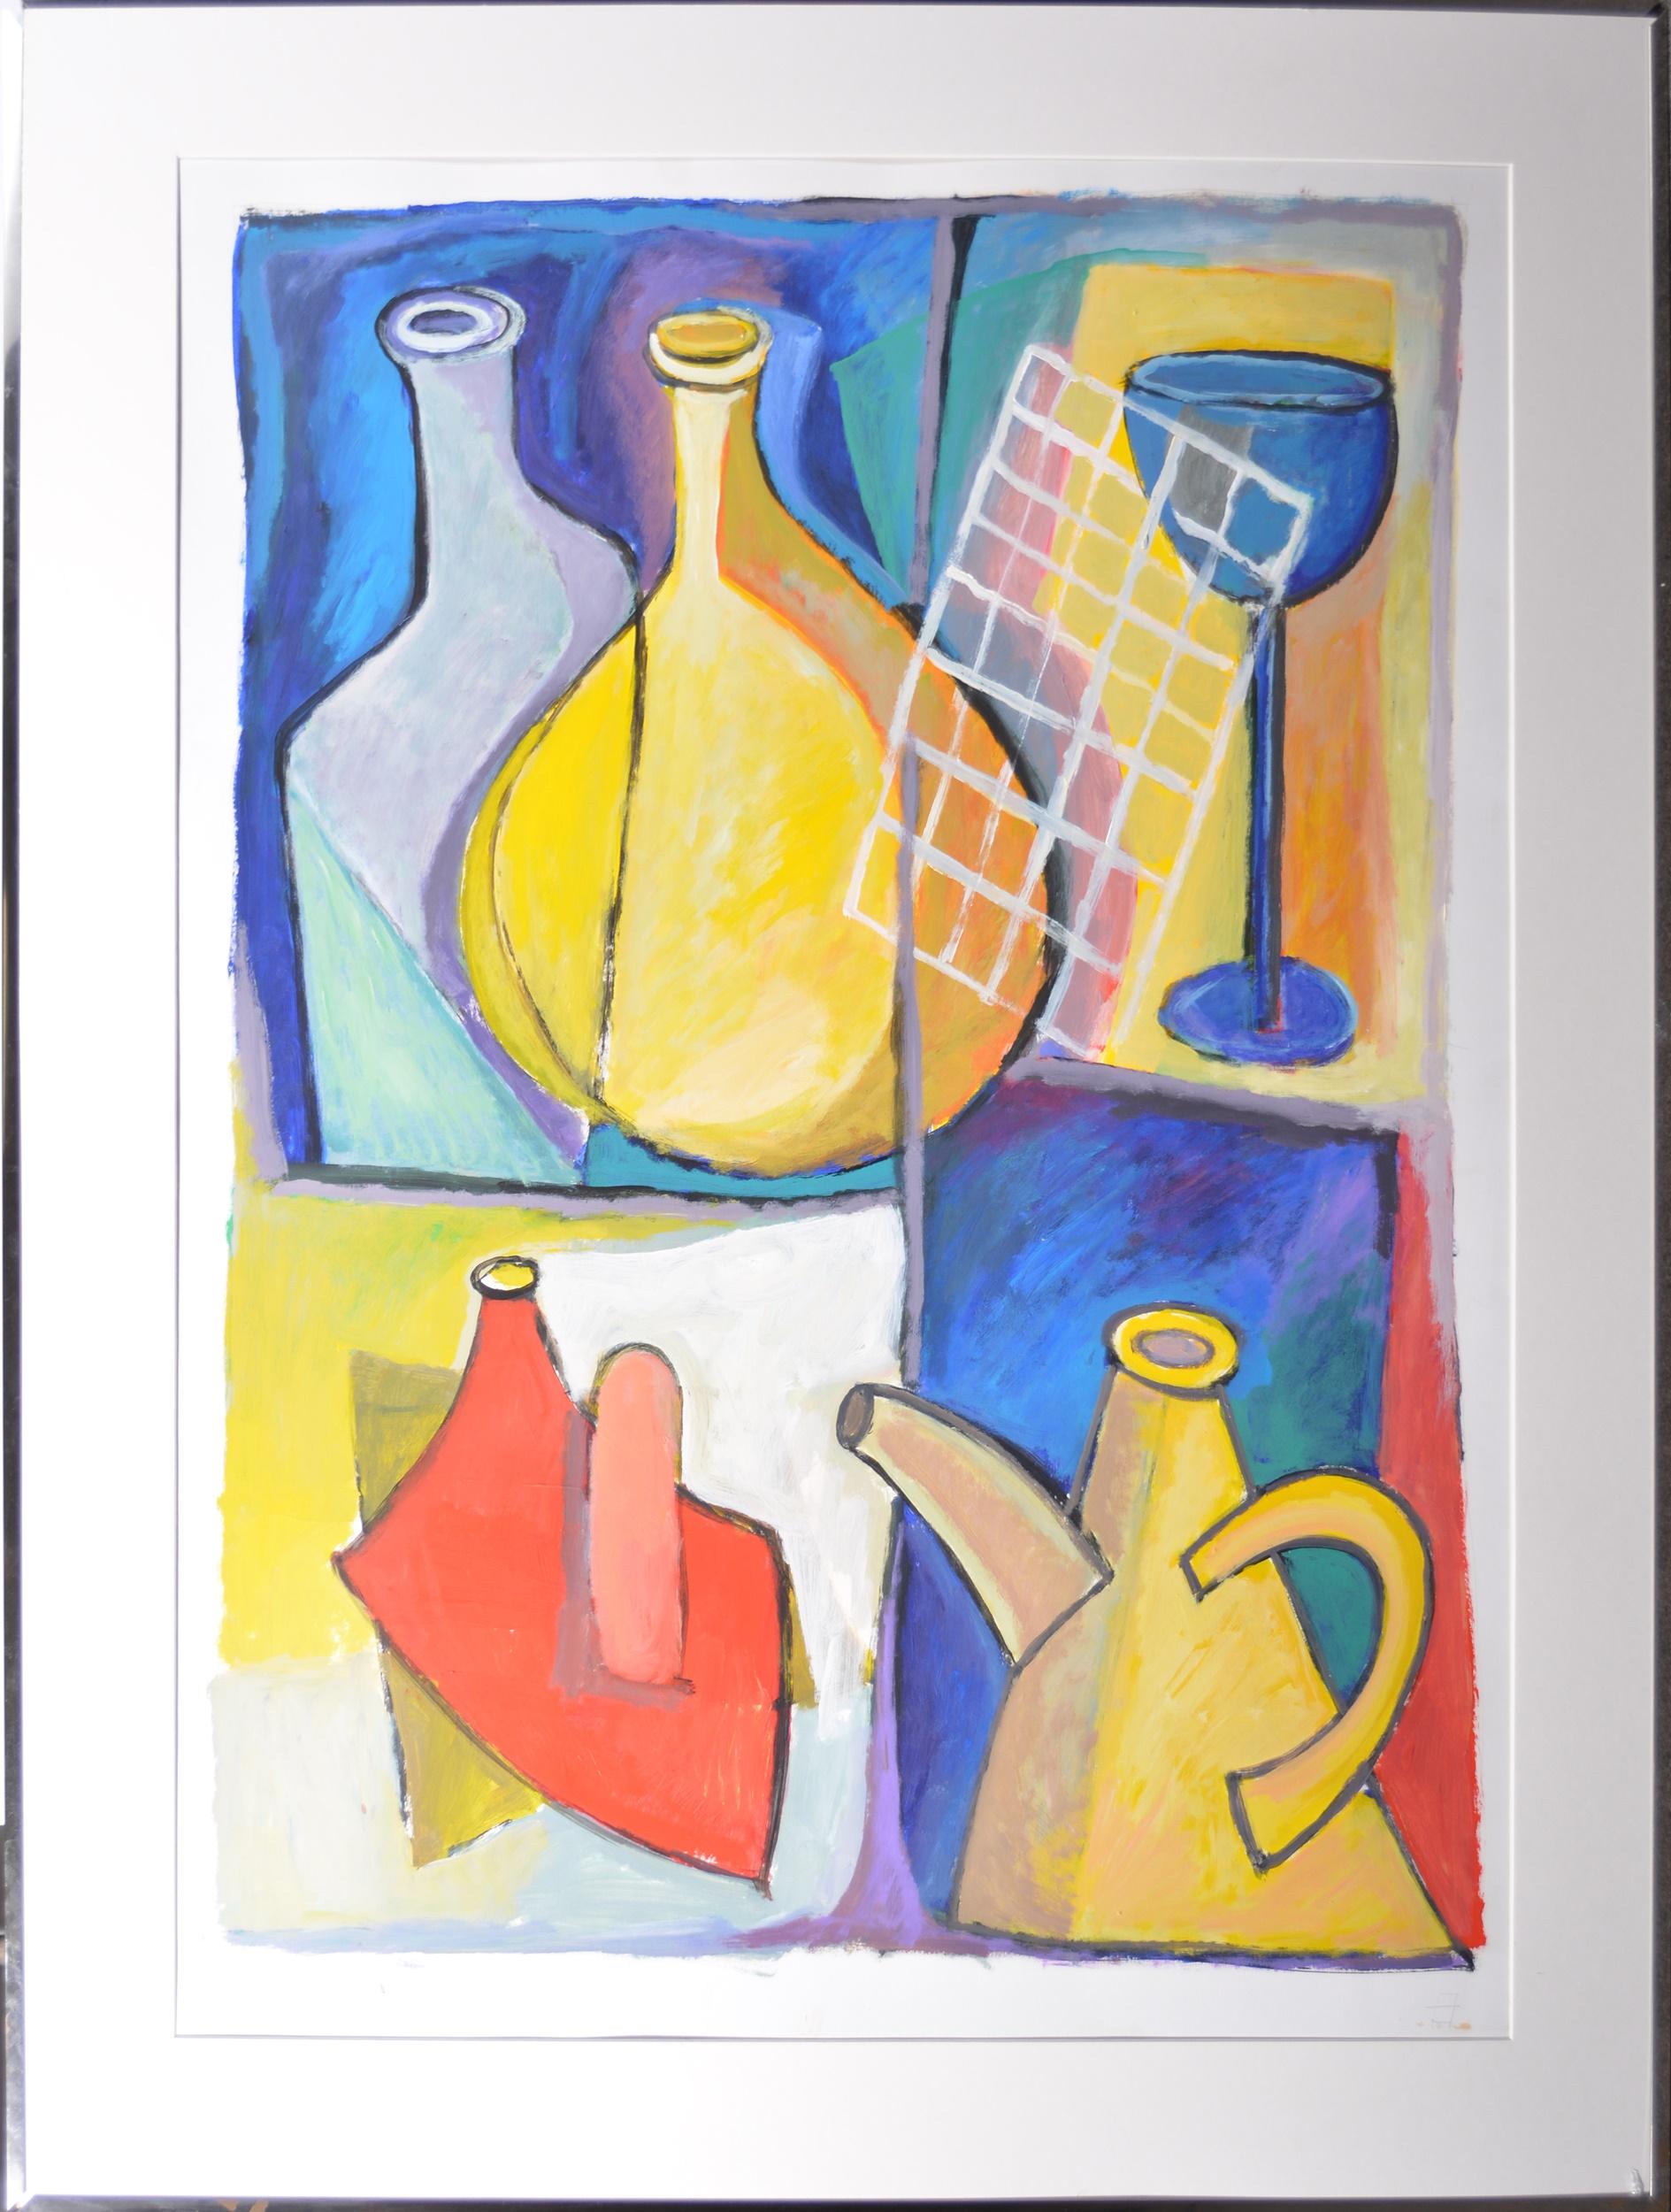 Philip Vencken - Still Life III - Image 2 of 5